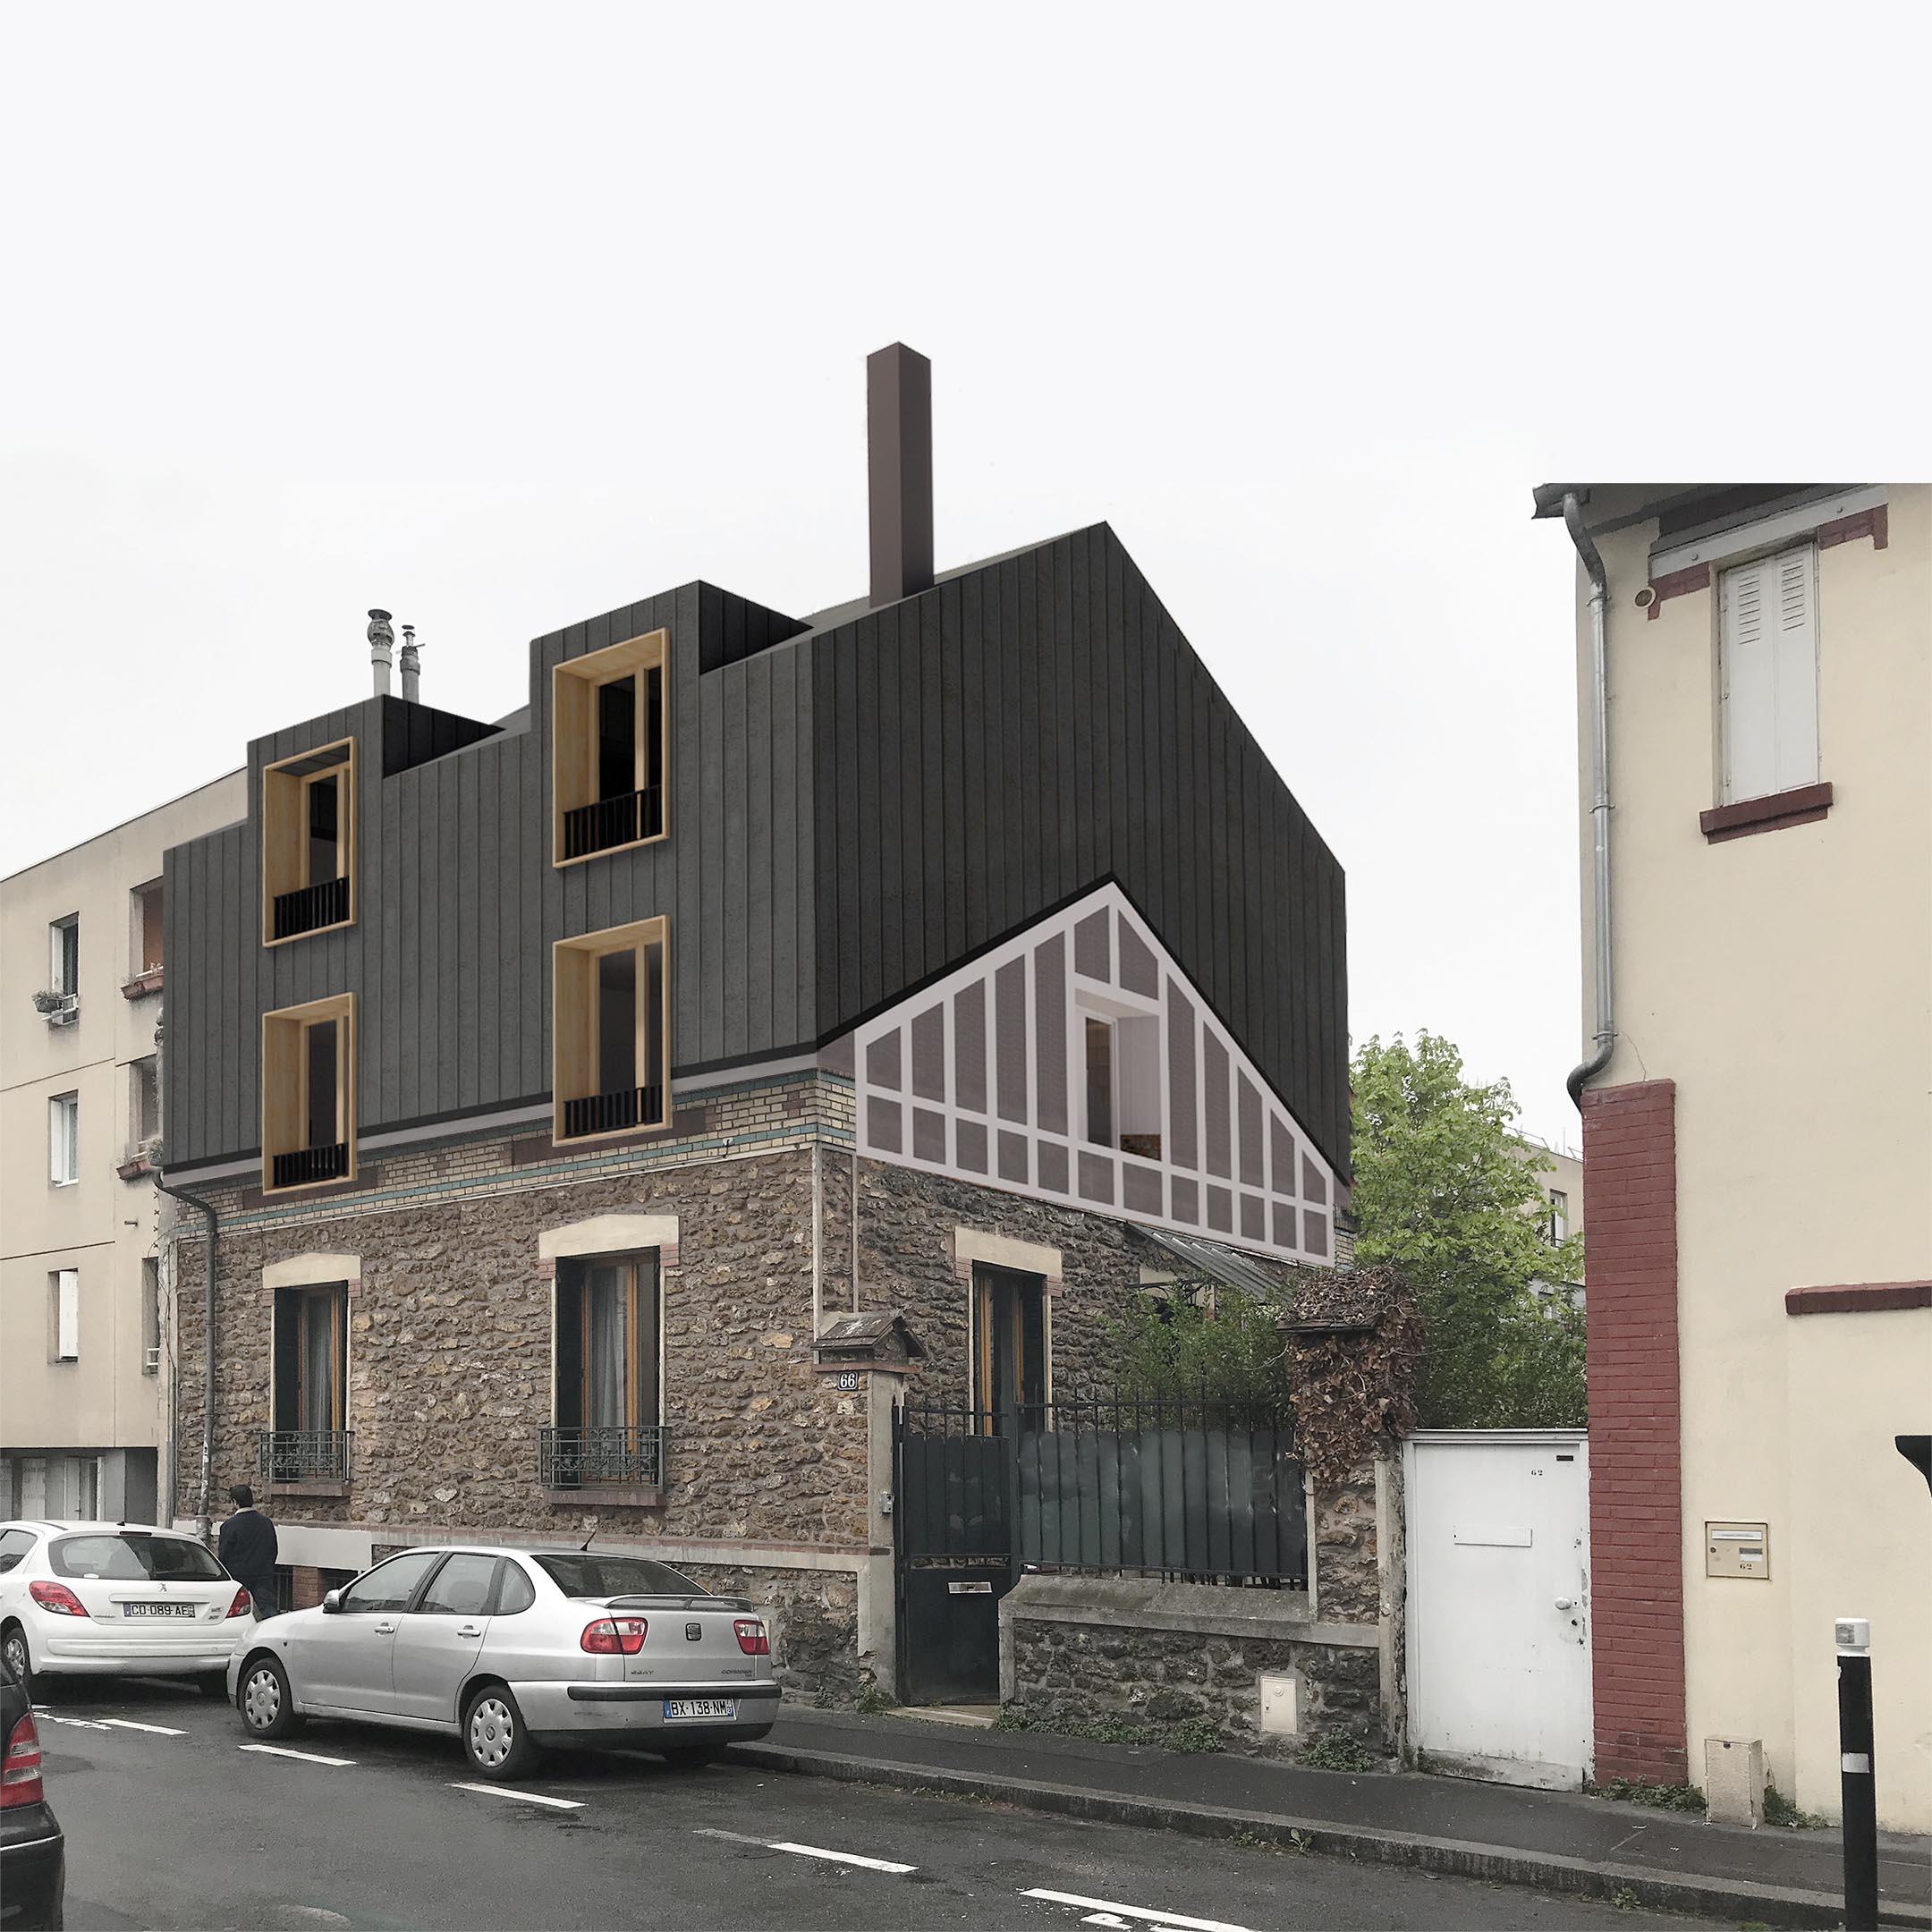 surélévation montreuil – Olivier Stadler Architecte (1)